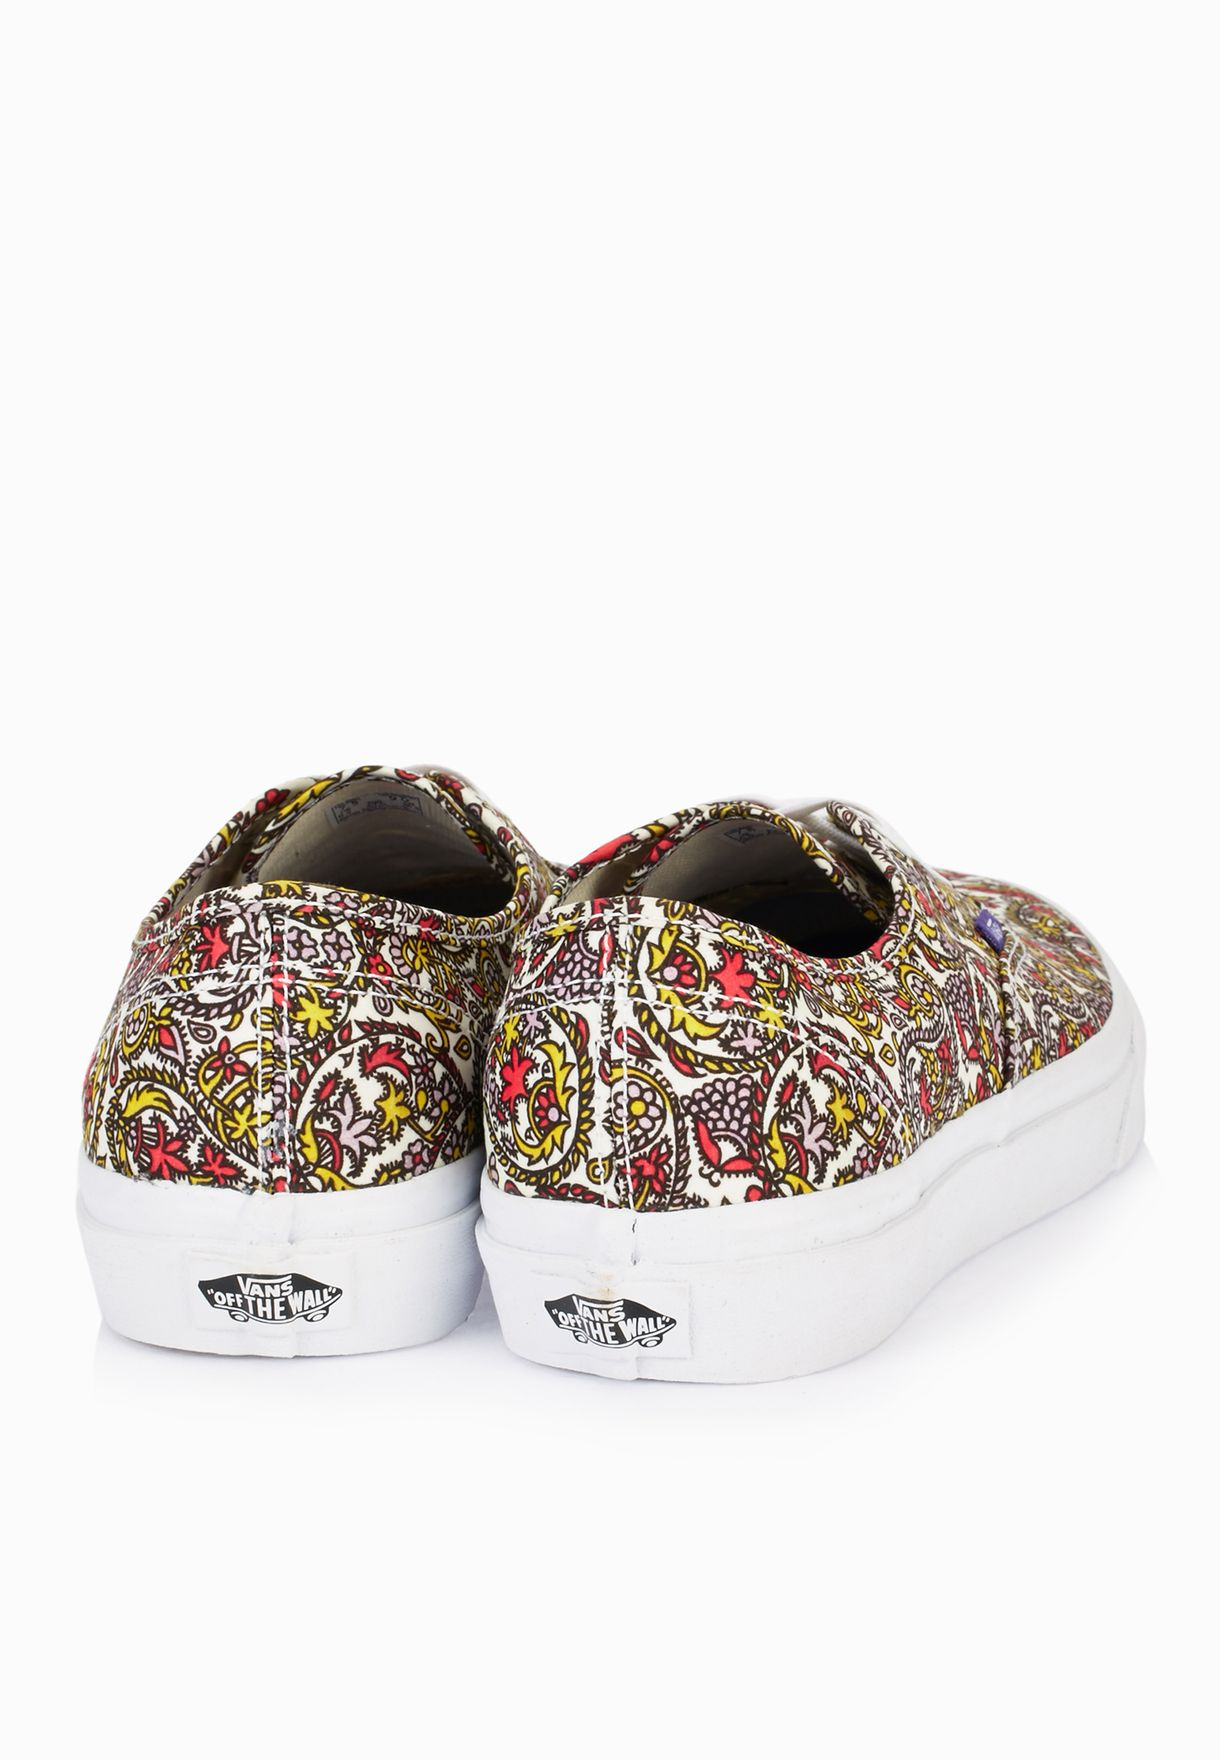 7ea415a20f967f Shop Vans prints Authentic Liberty Paisley Print Sneakers VAFT ...